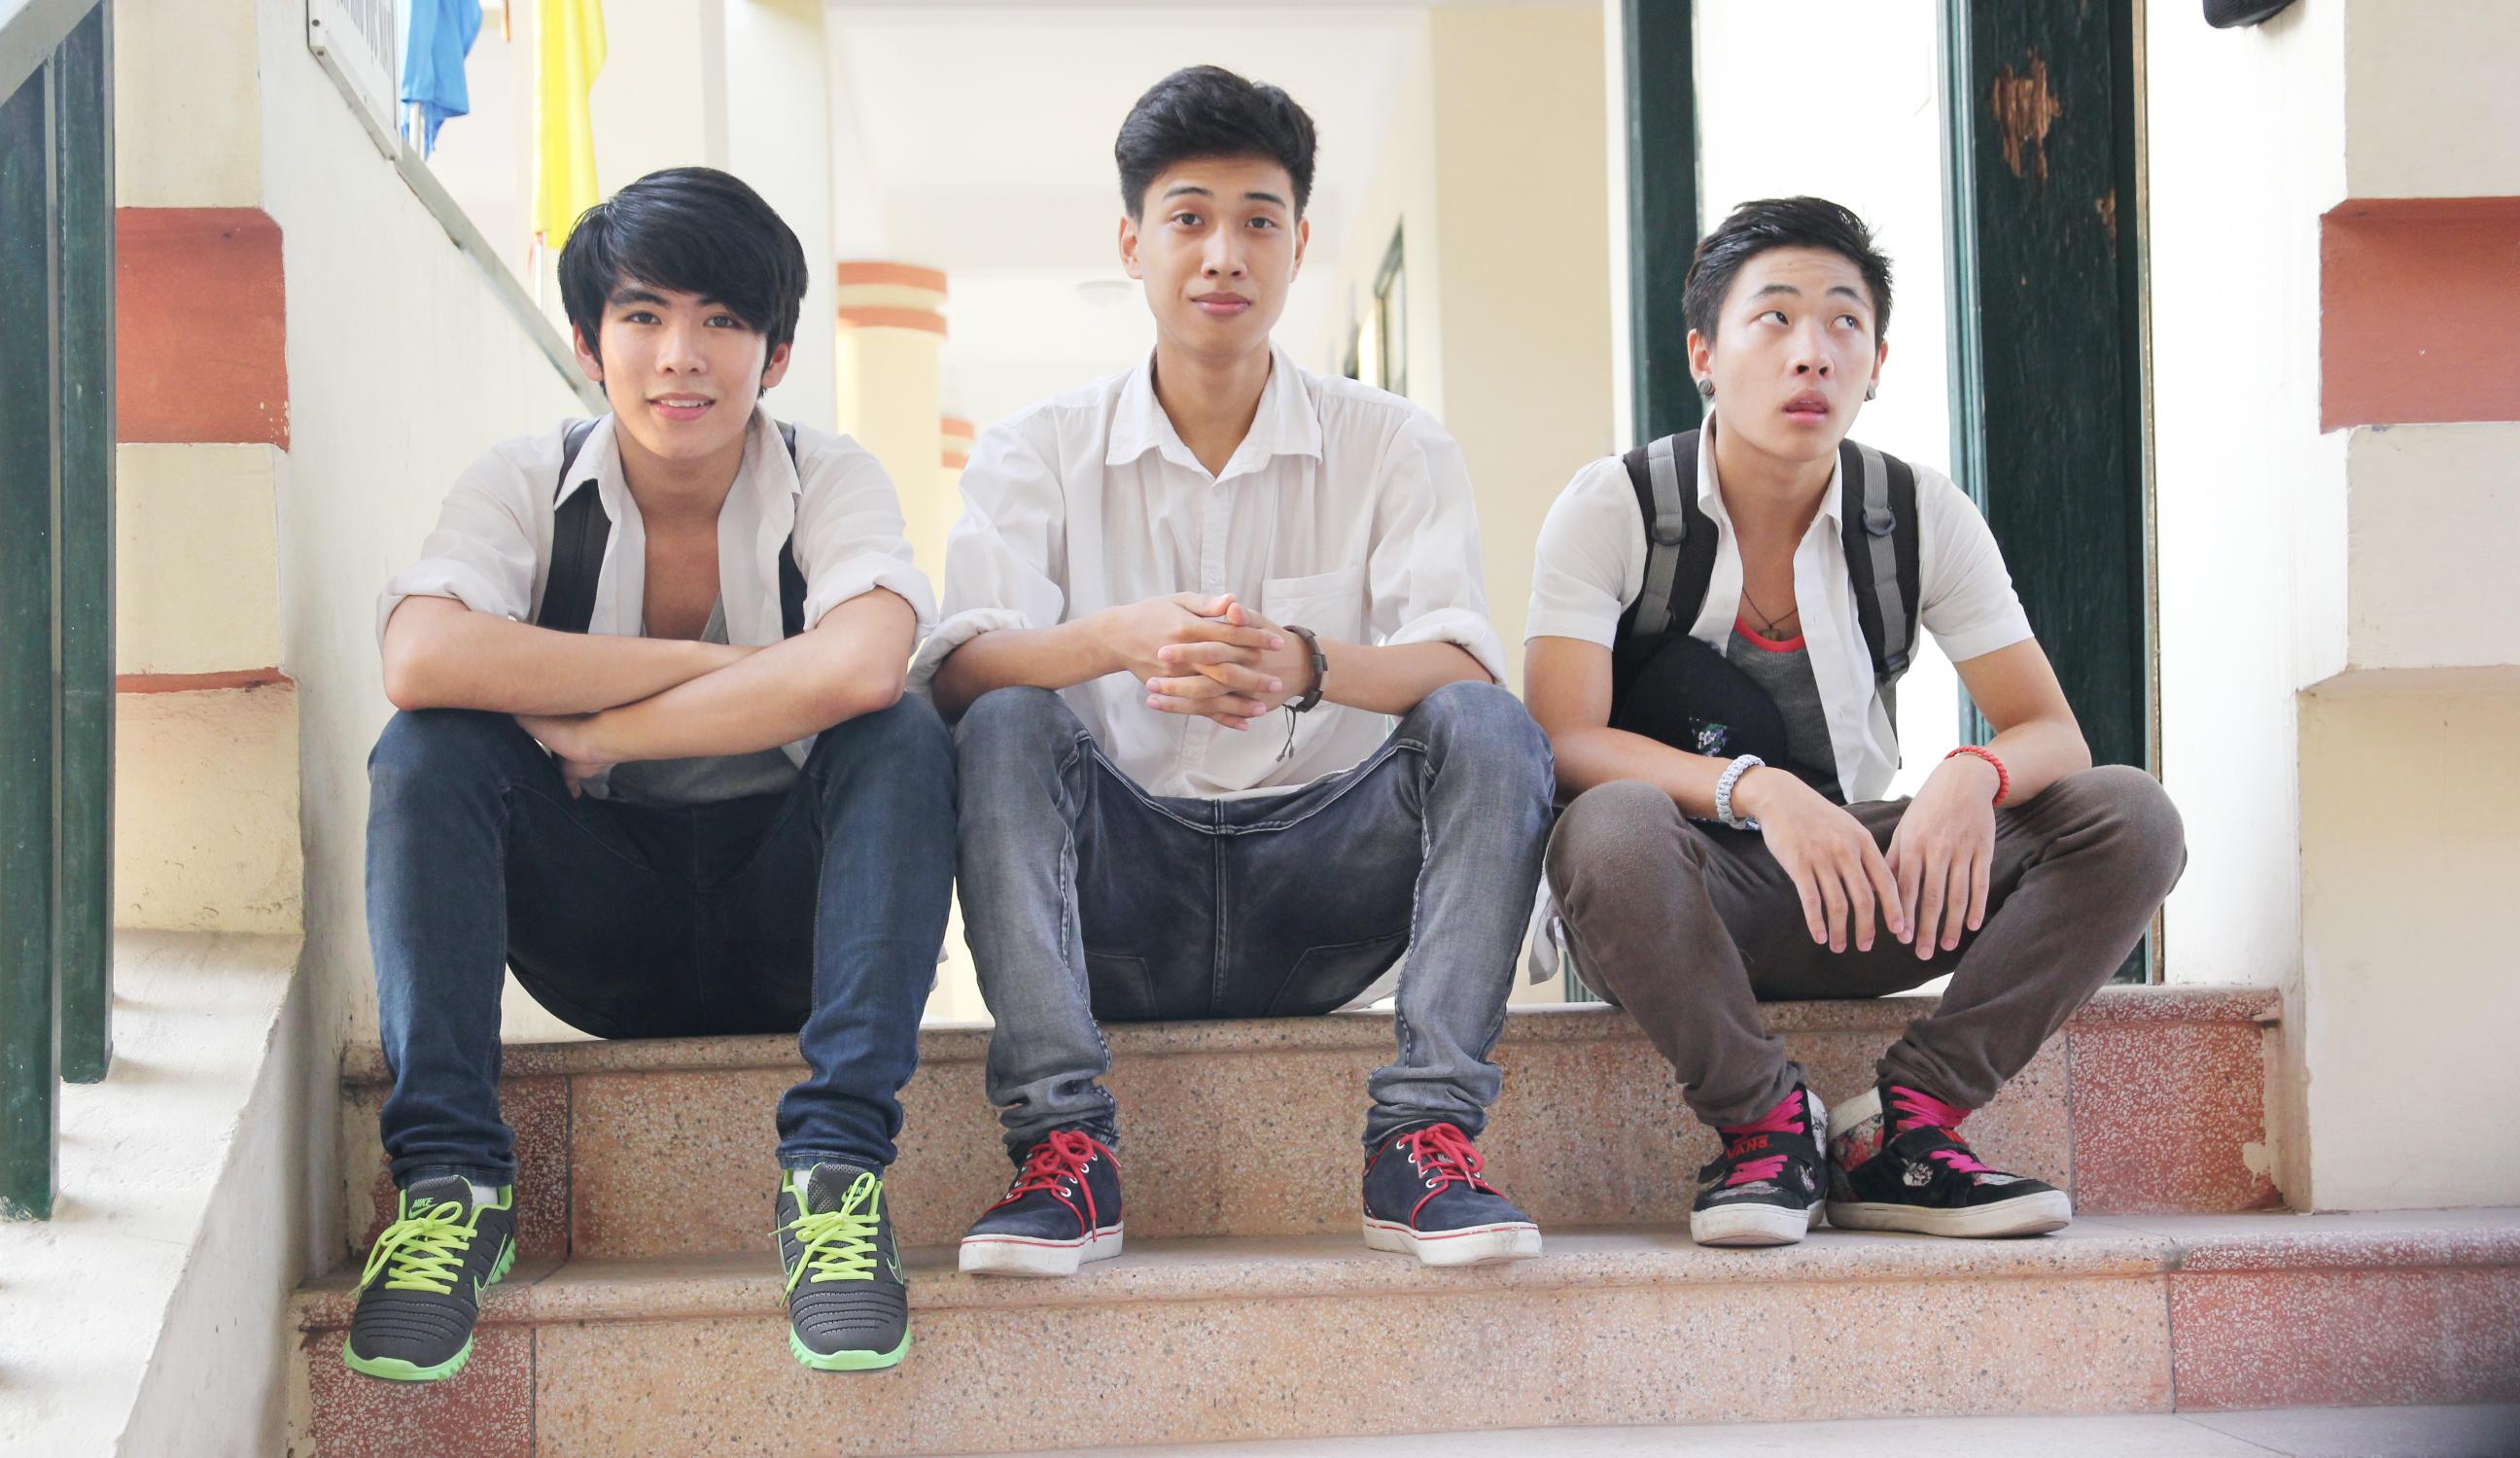 rgb_vn_Trinh_Tai_Viet_vietnam_designer_02